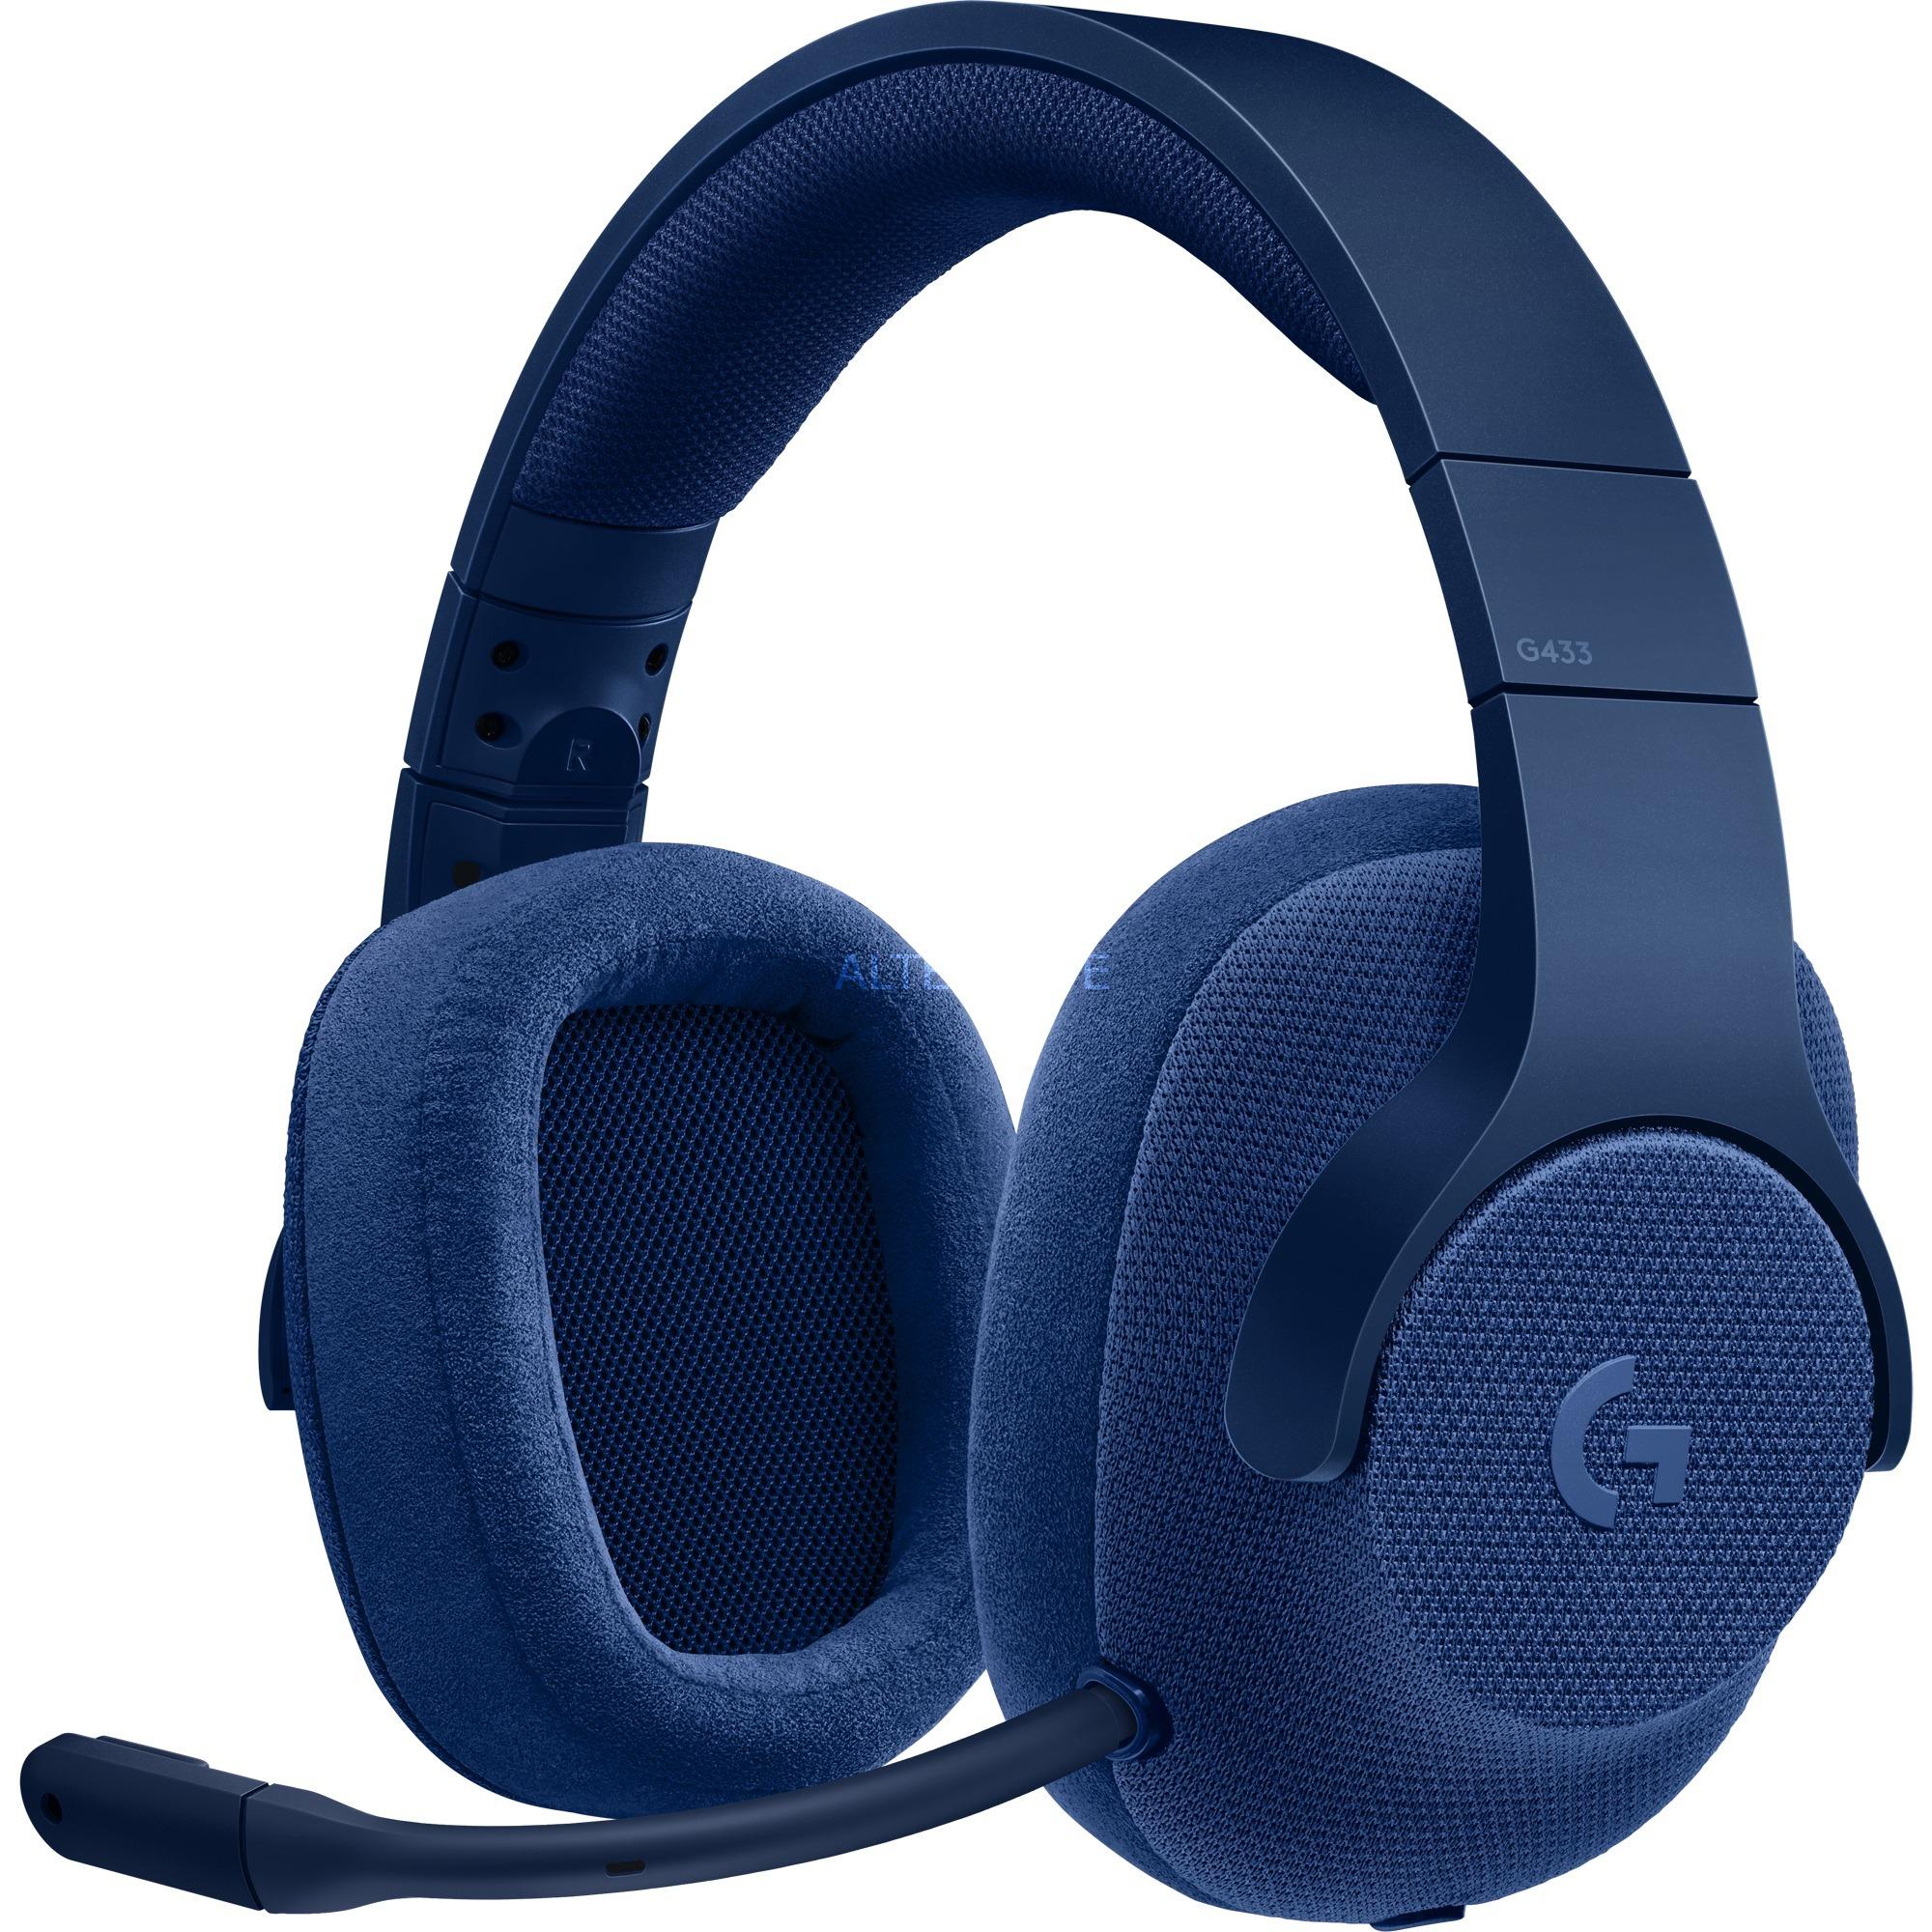 G433 auricular con micrófono Binaural Diadema Azul, Auriculares con micrófono